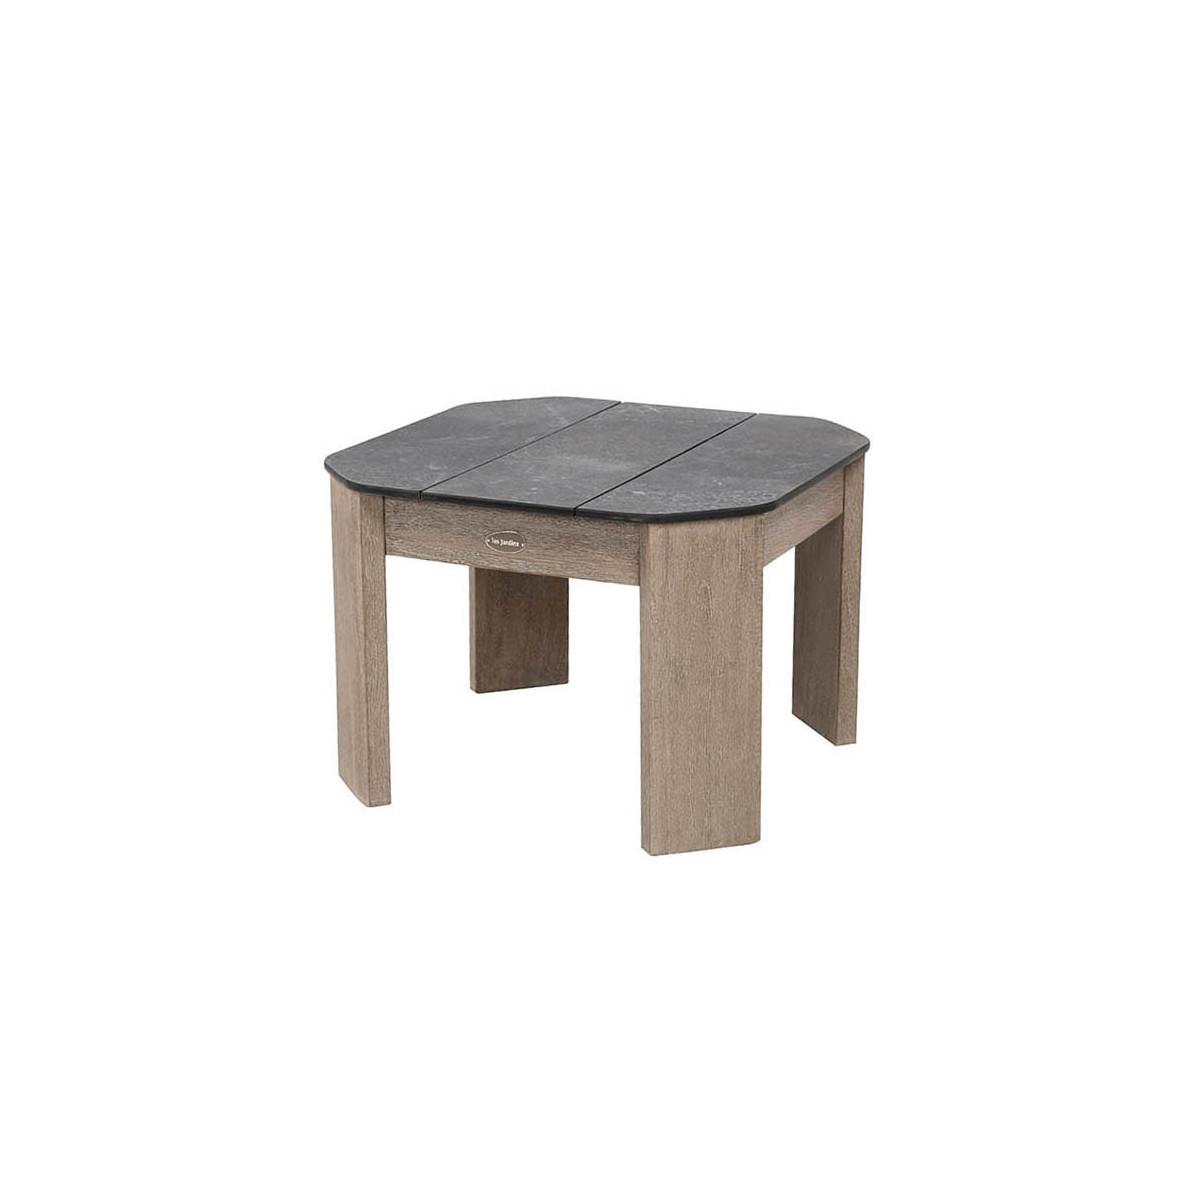 Table basse Copenhague 50x50